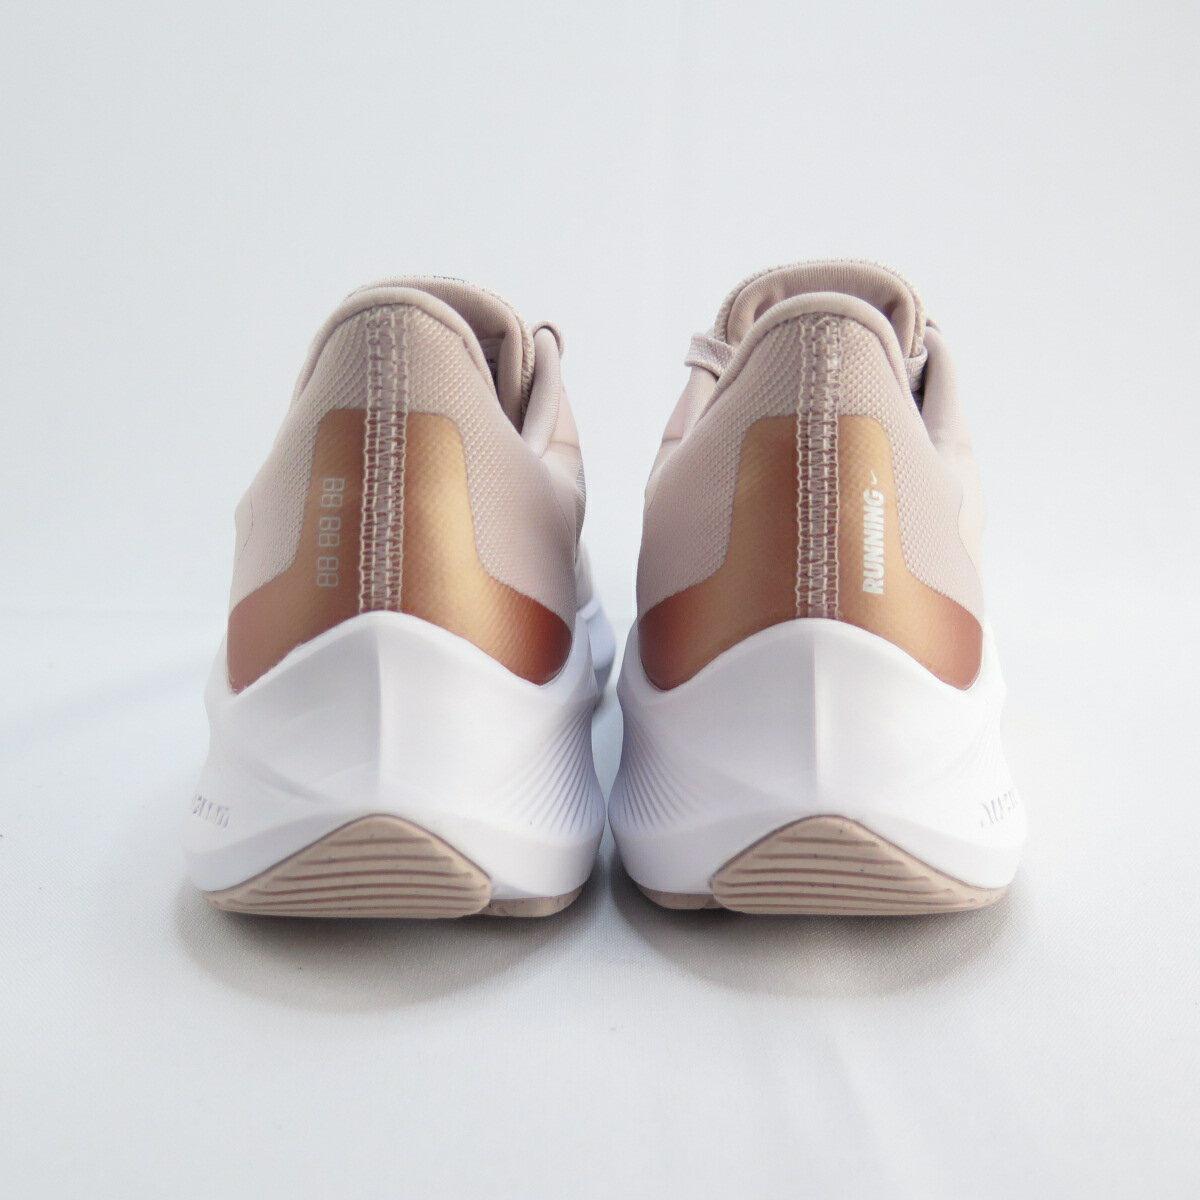 【滿額領券折$150】NIKE NIKE ZOOM WINFLO 7 女款 慢跑鞋 CJ0302601 粉【iSport愛運動】